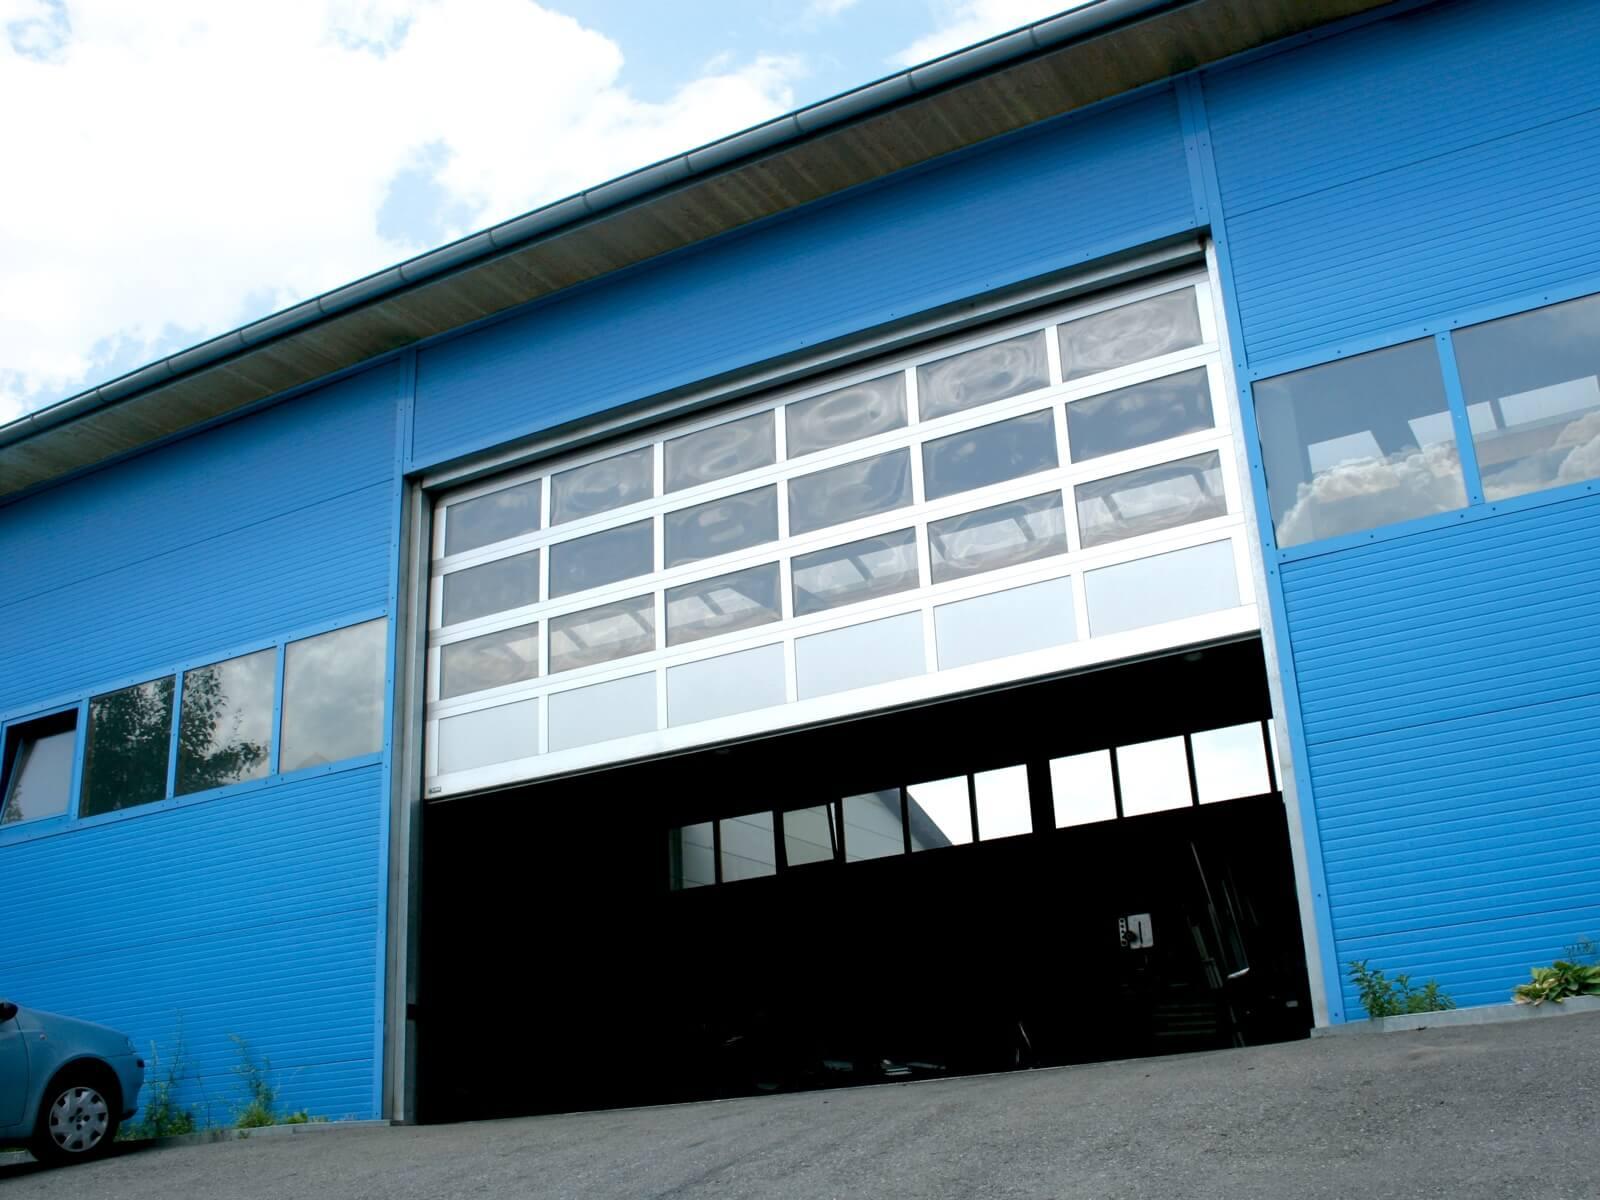 Portoni industriali in alluminio LXR AL42